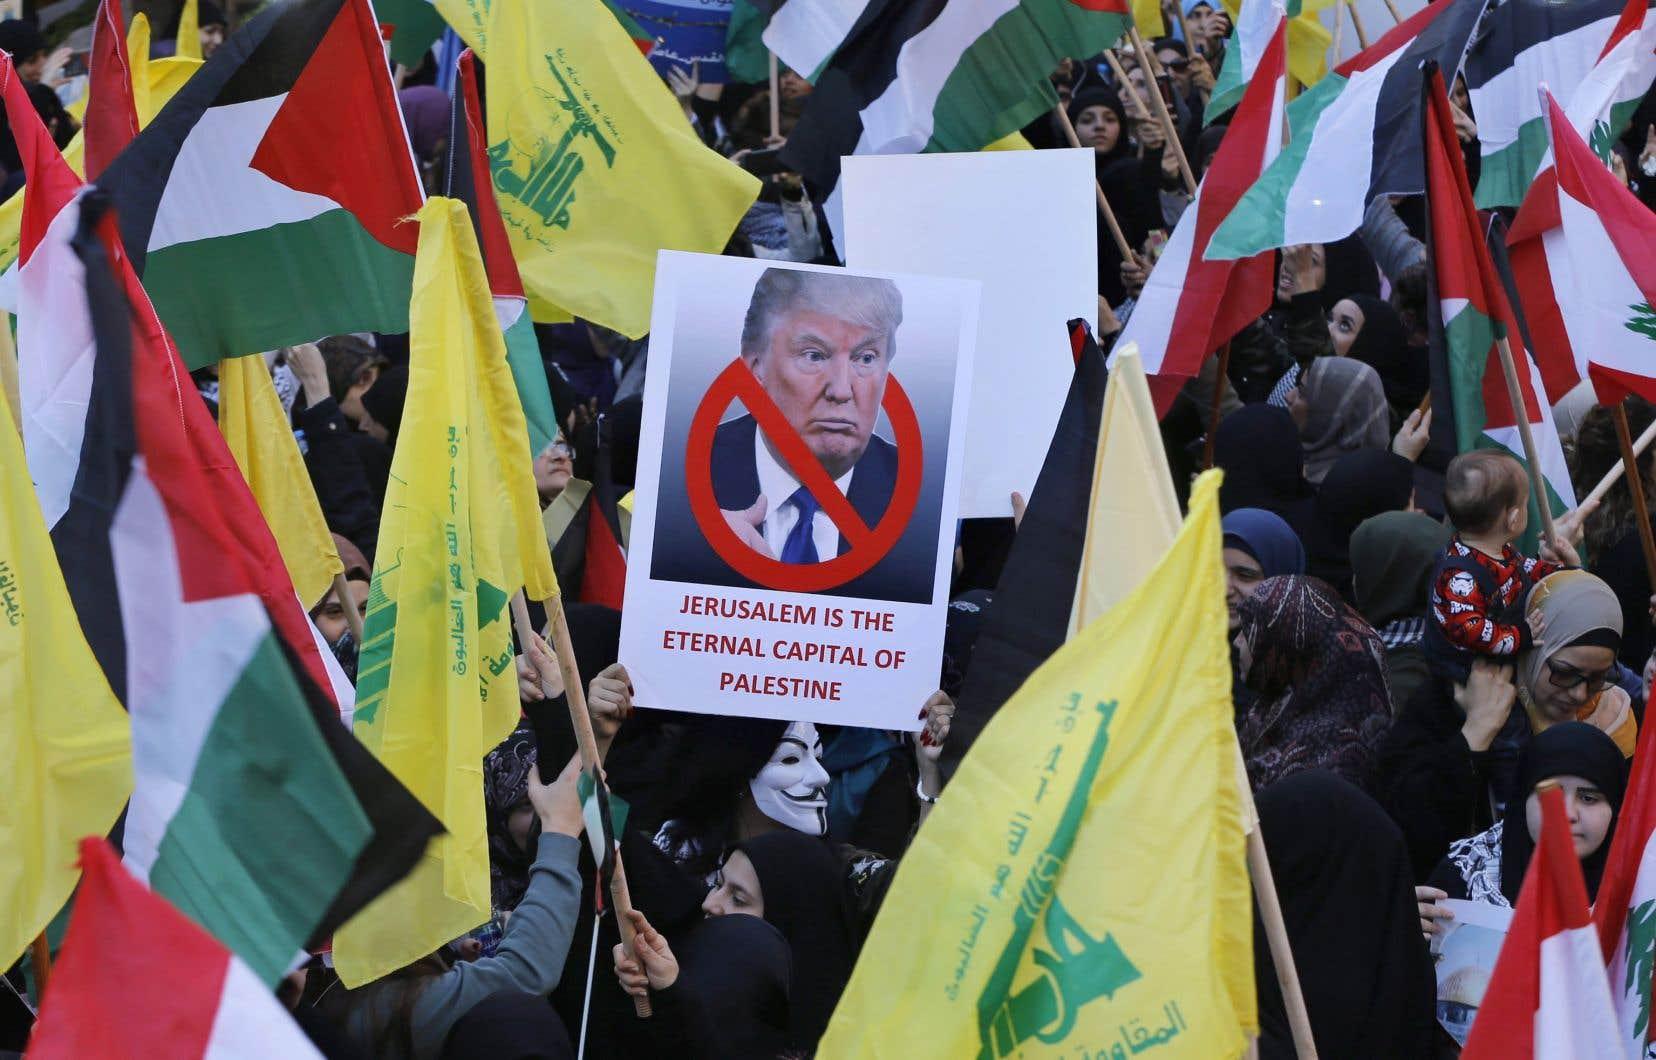 À Beyrouth, plusieurs milliers de partisans du Hezbollah ont défilé dans le sud de la capitale libanaise, bastion du puissant mouvement chiite, allié de l'Iran et ennemi d'Israël et qui se veut l'un des champions de la cause palestinienne.